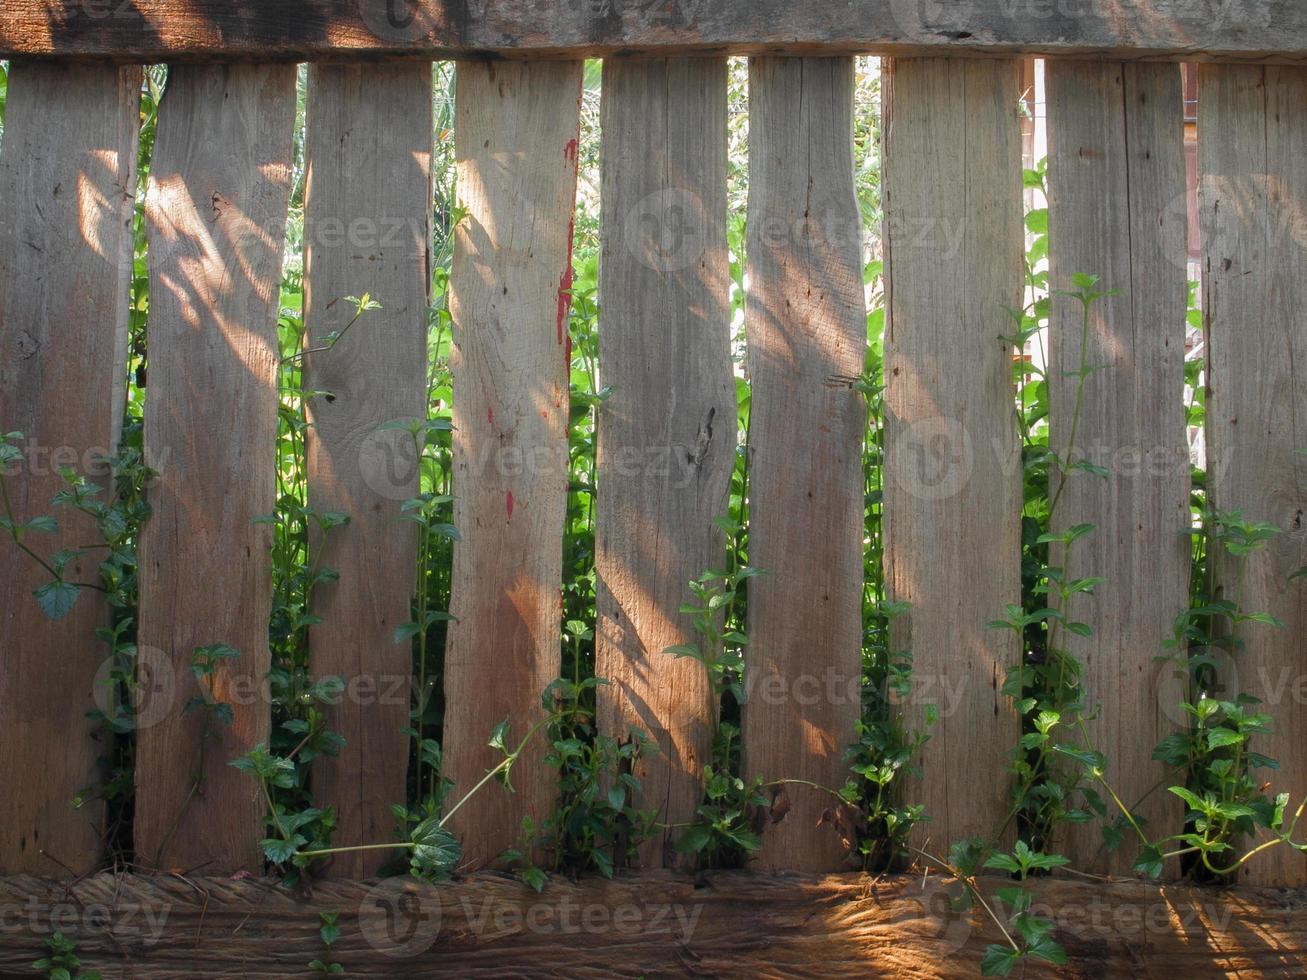 conception de clôture en bois. photo